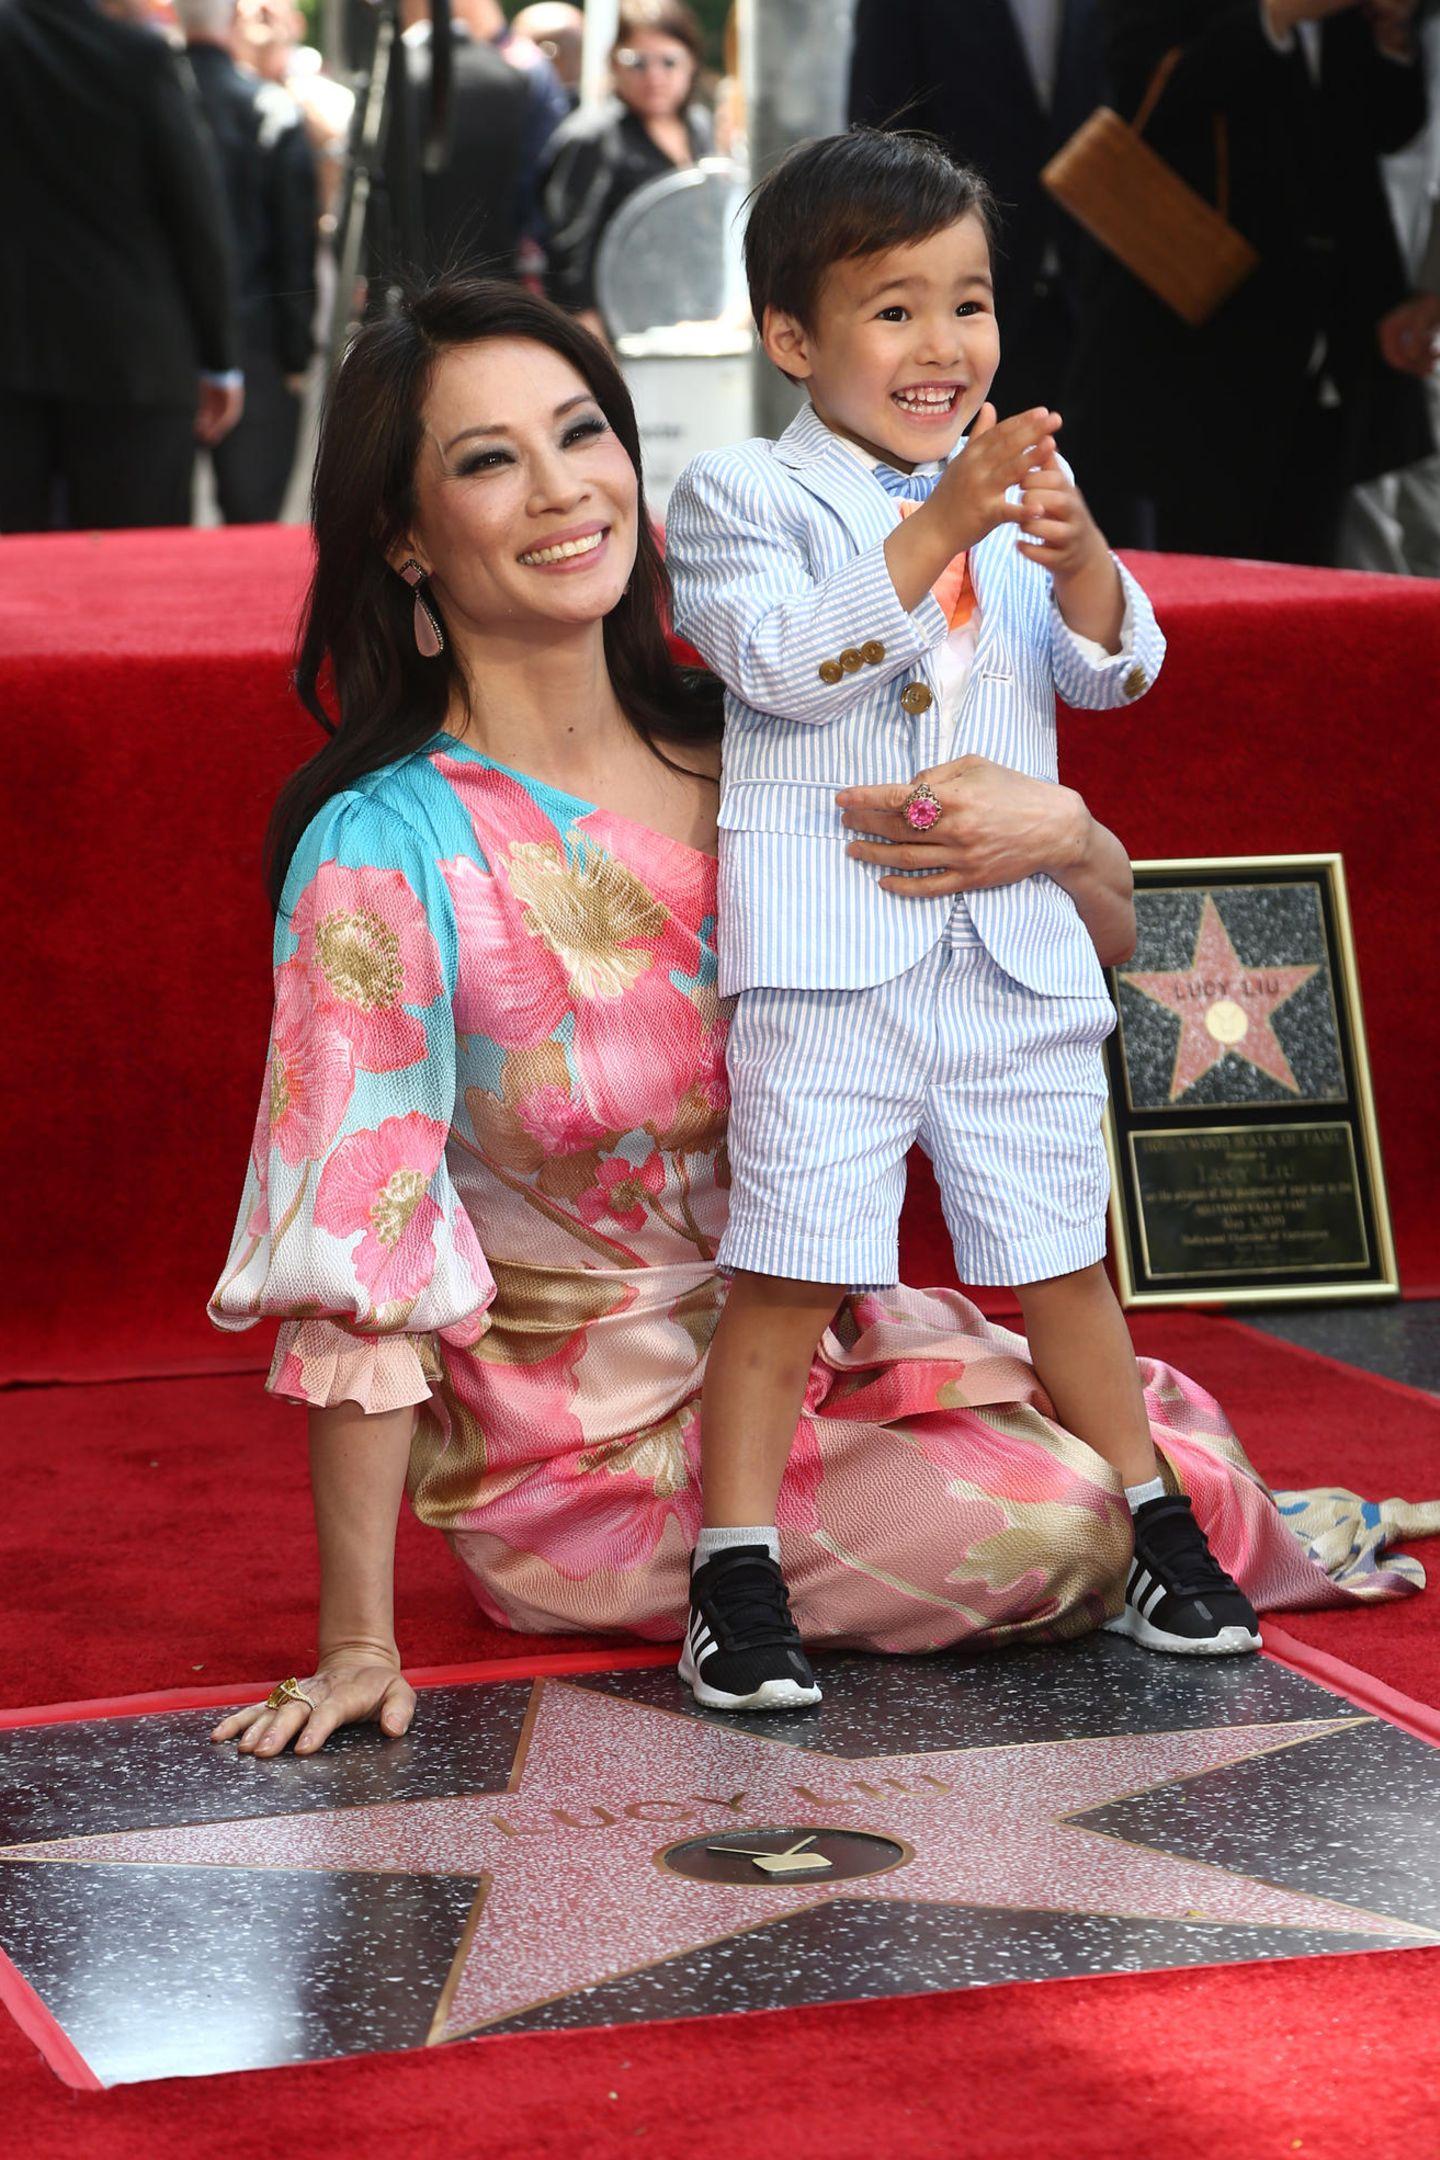 1. Mai 2019  Neben Lucy Lius Freundinnen darf natürlich auch Sohnmann Rockwell Lloyd nicht fehlen: Der dreijährige Sohn der Schauspielerin freut sich riesig mit seiner Mama und verzaubert mit seinem süßen Strahlen das Publikum.